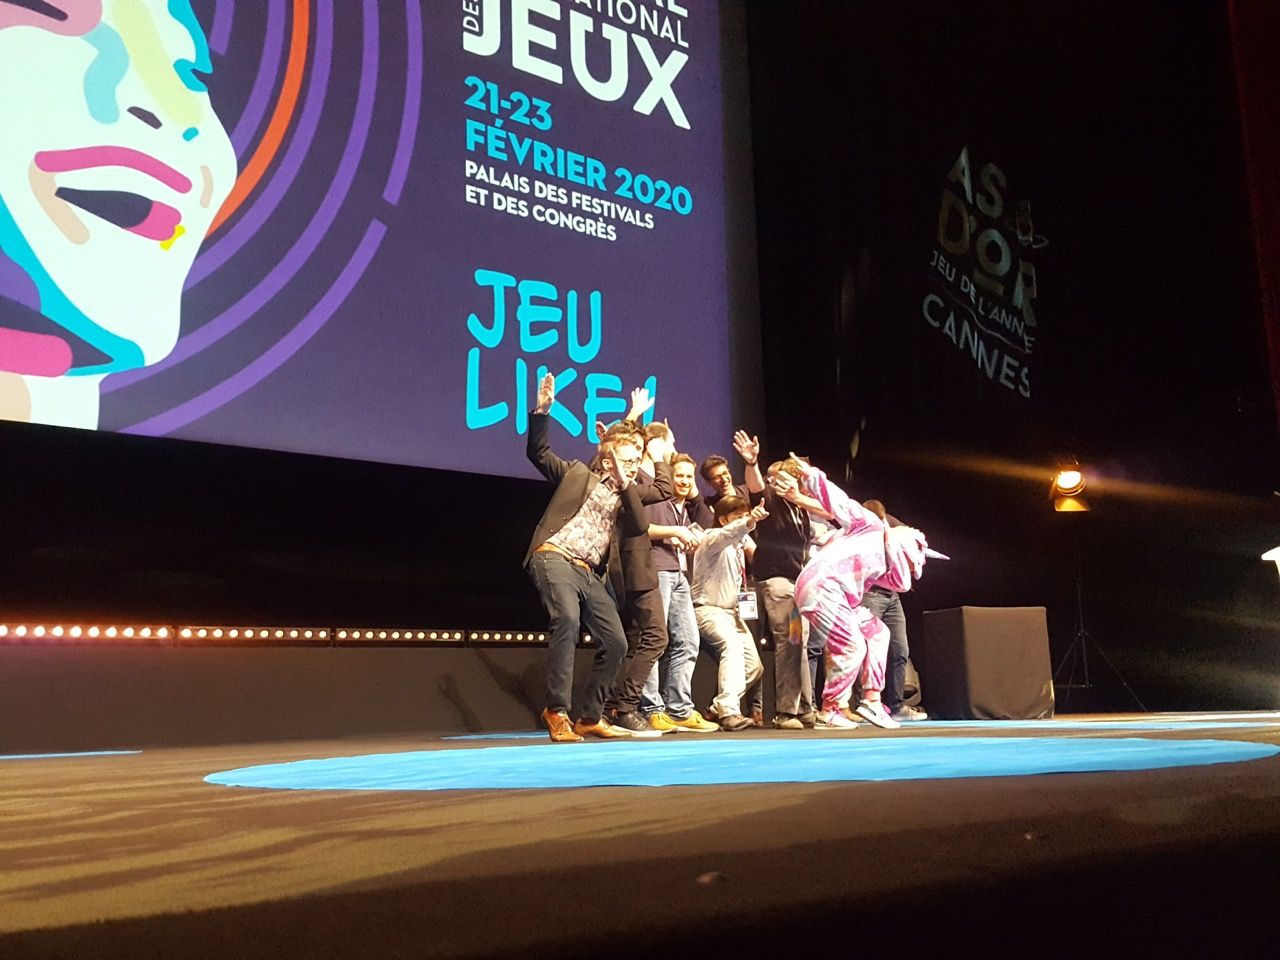 Les vainqueurs très heureux sur la scène du grand auditorium du palais des festivals.